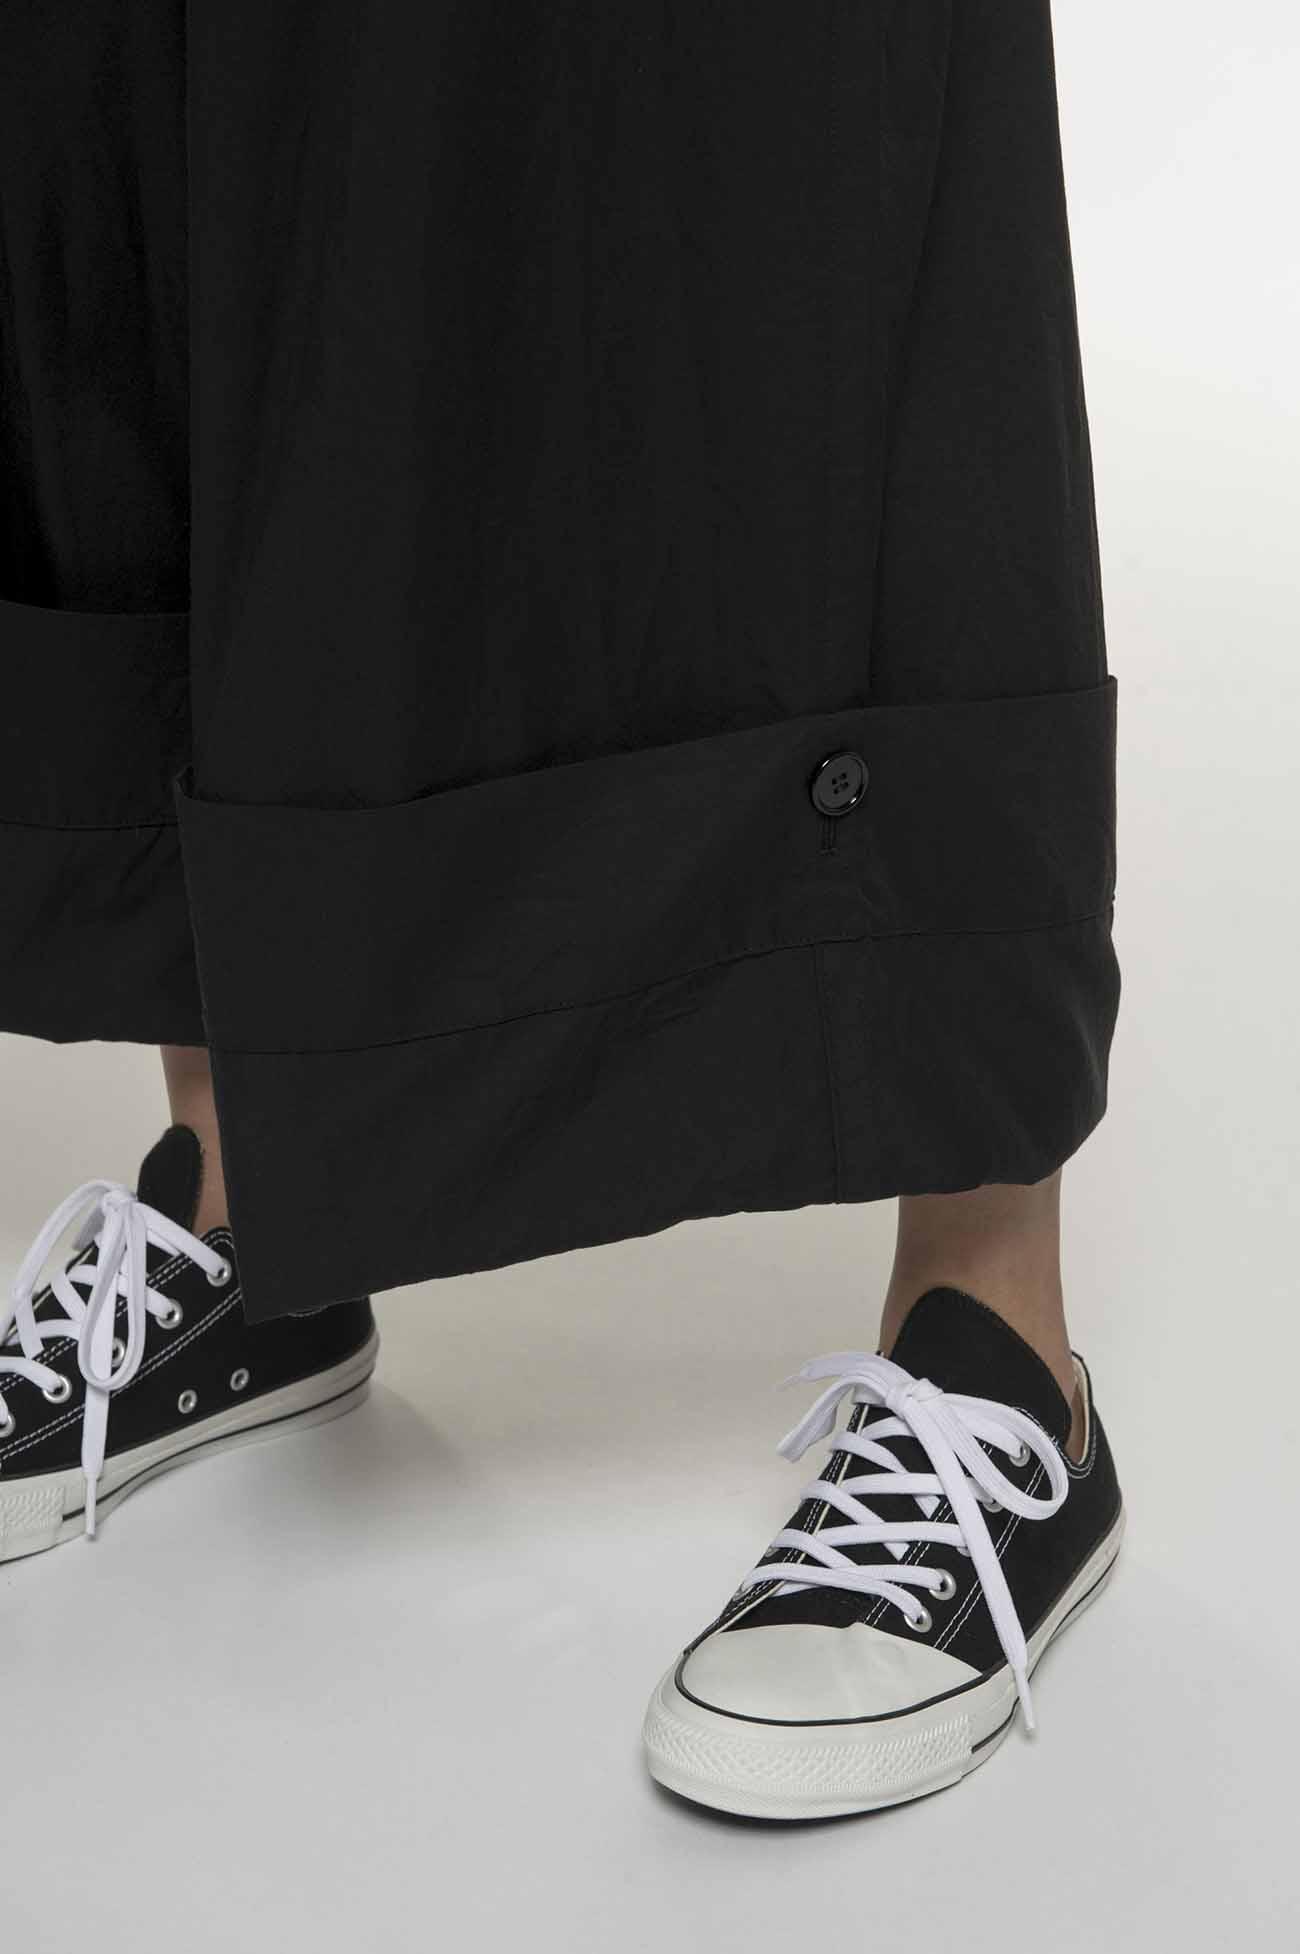 口袋阔腿裤